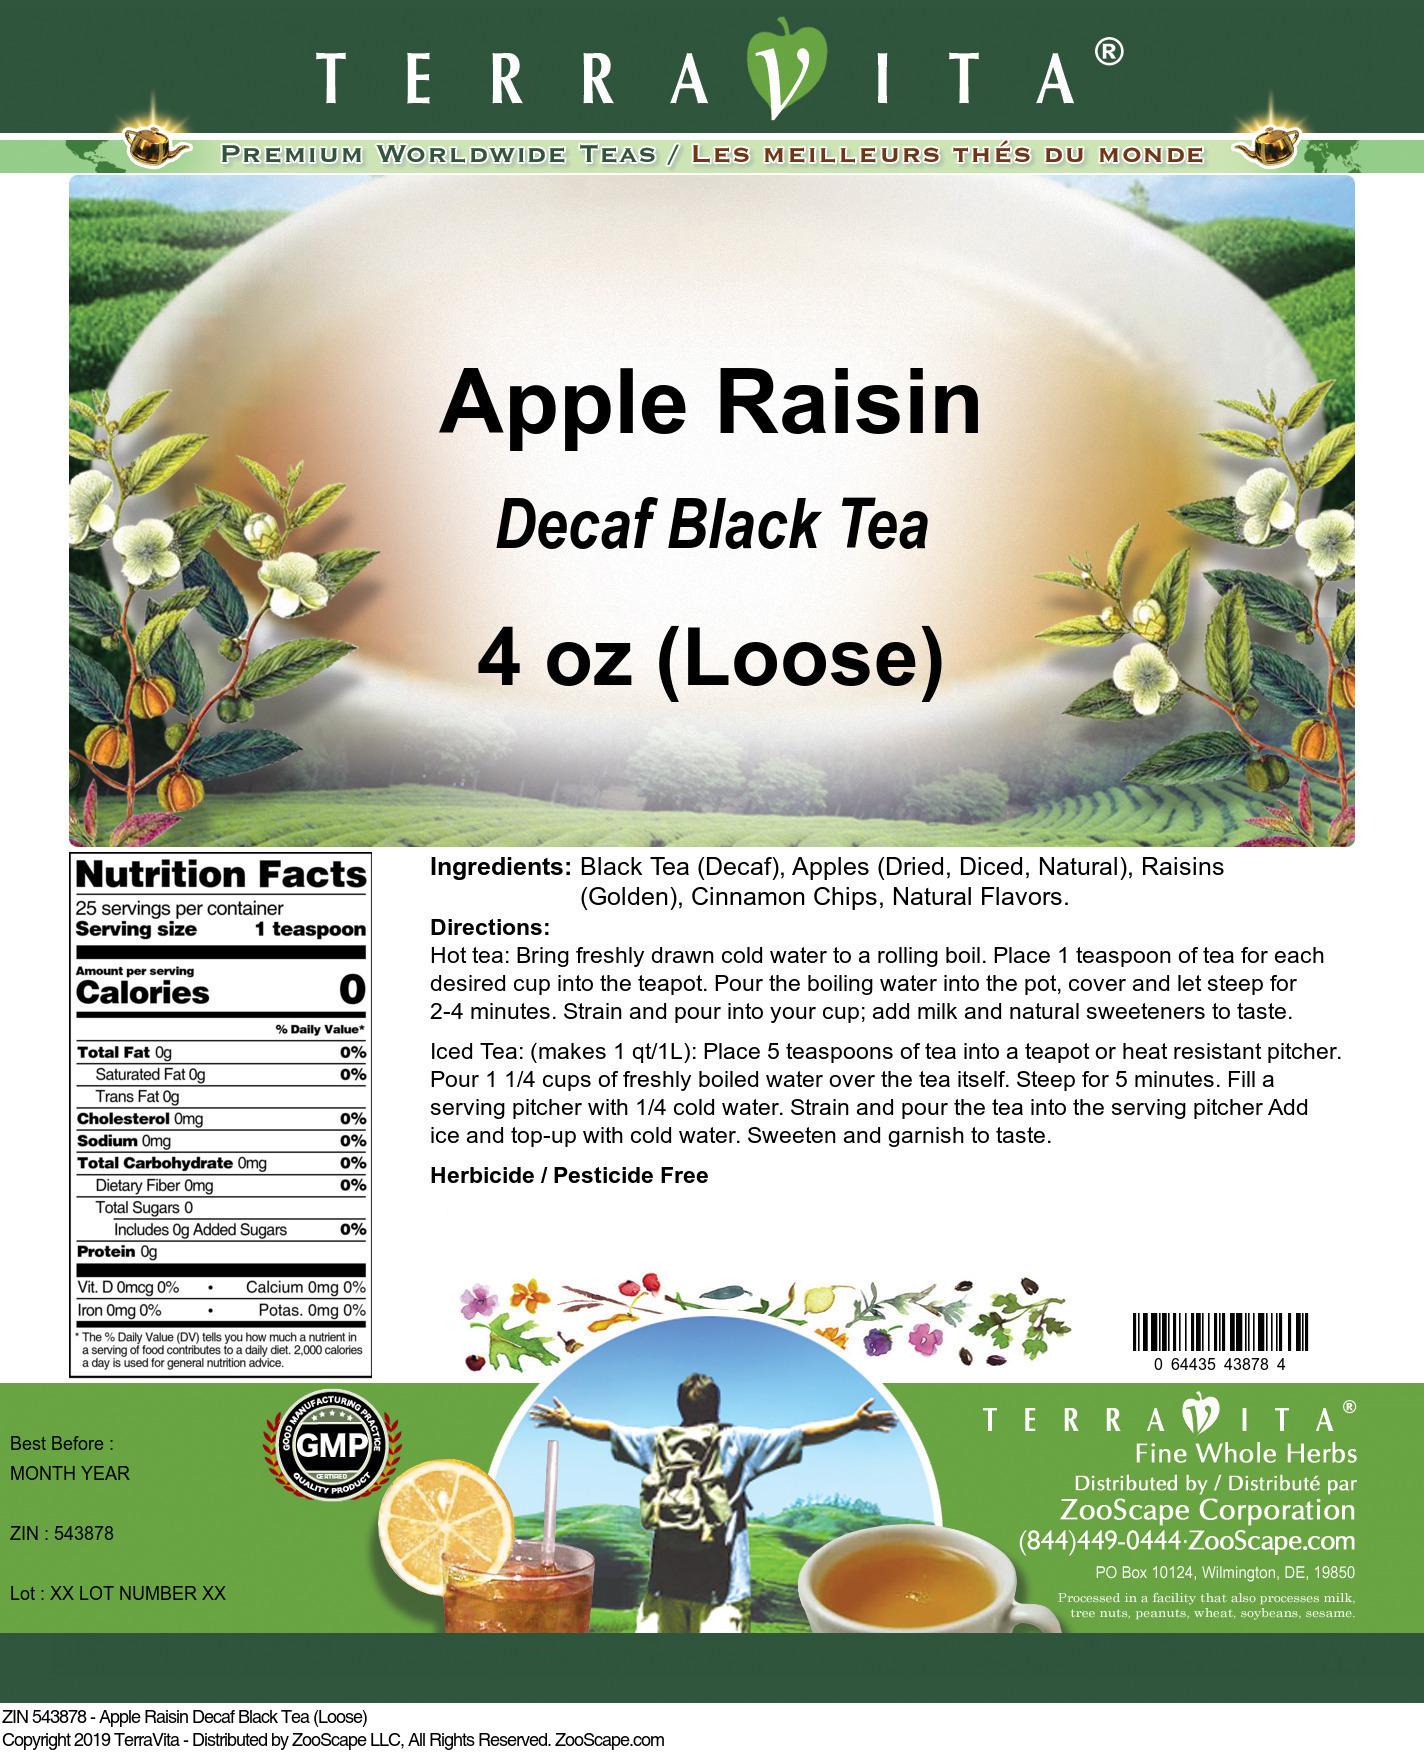 Apple Raisin Decaf Black Tea (Loose)